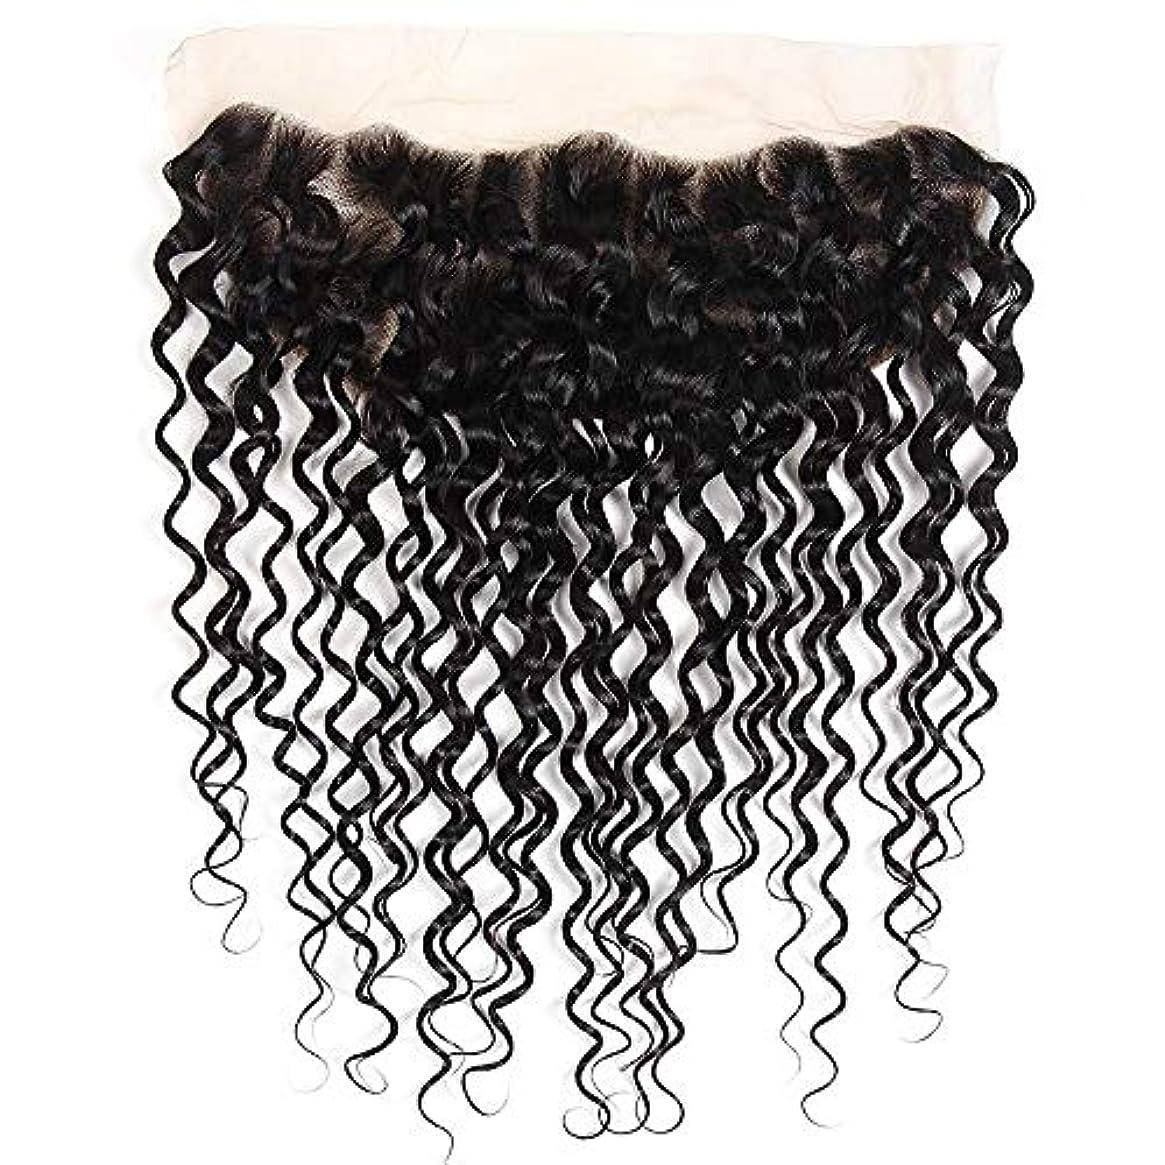 より酸偽装するMayalina ブラジルの水の波レミー人間の髪の毛13 * 4インチレース前頭閉鎖用女性8インチ-20インチショートカーリーウィッグ (色 : 黒, サイズ : 14inch)